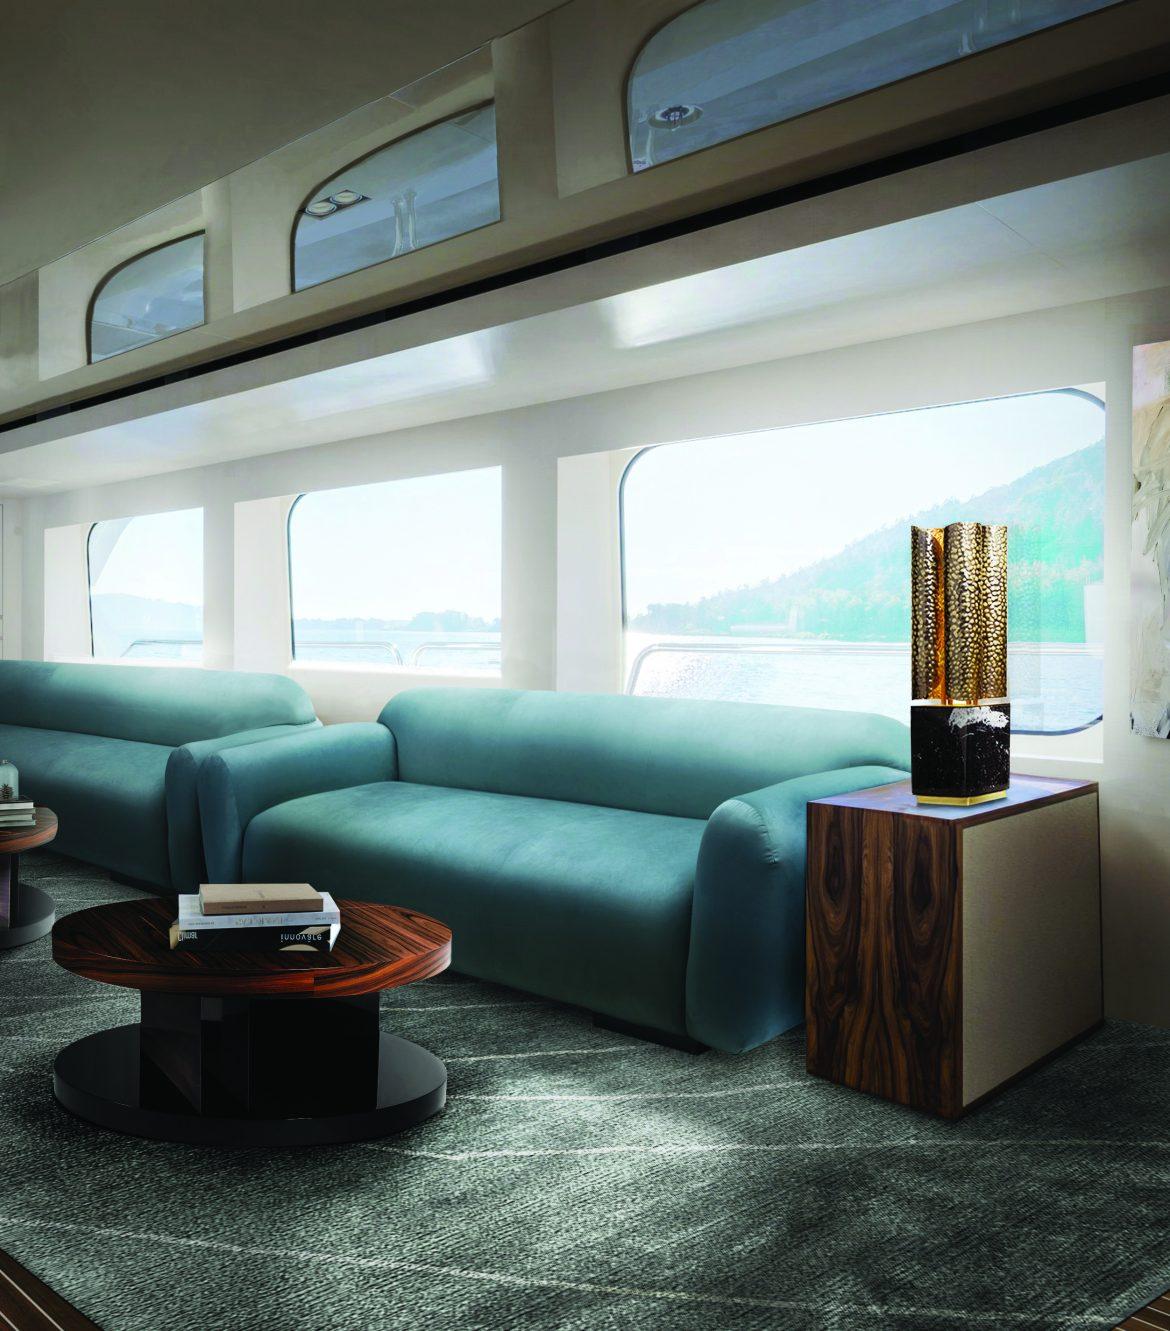 2020 Wohnzimmer Neuheiten: Couchtische amb BB yacht